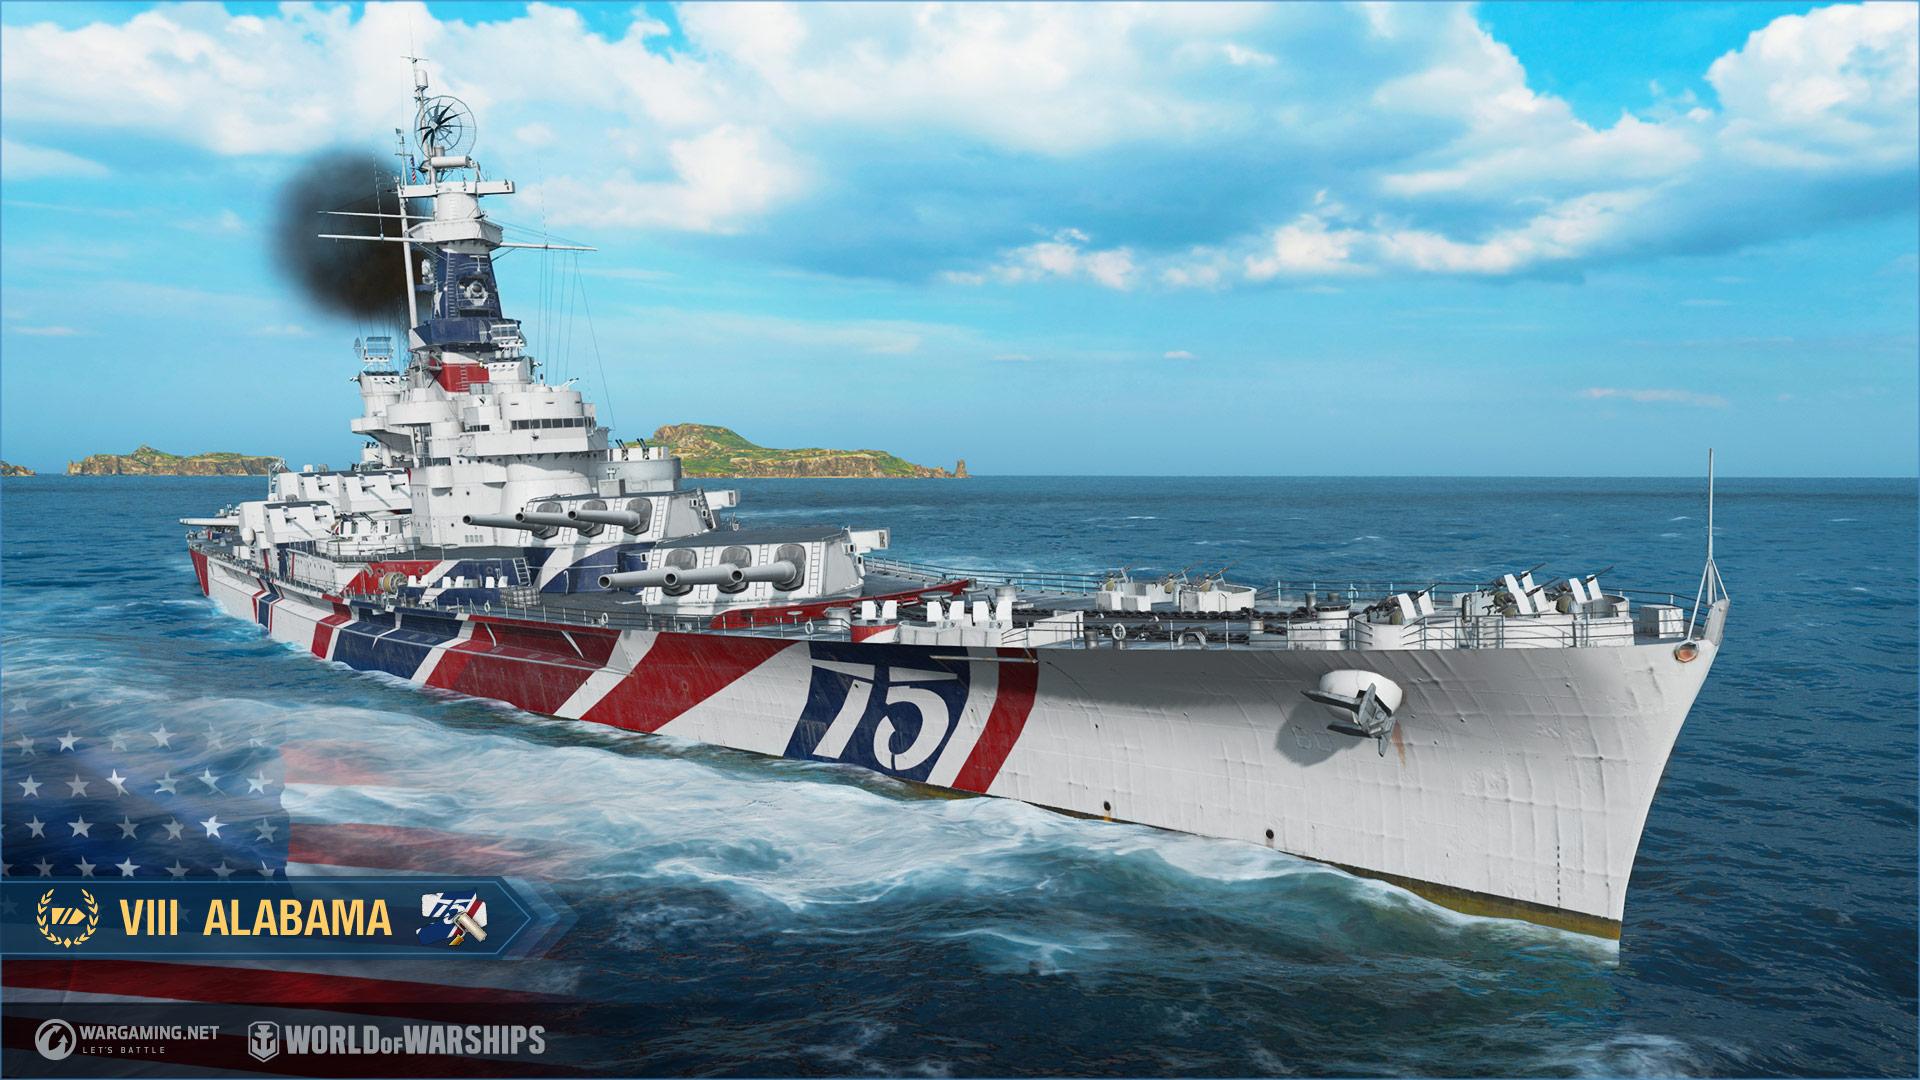 World of Warships : Alabama screenshot